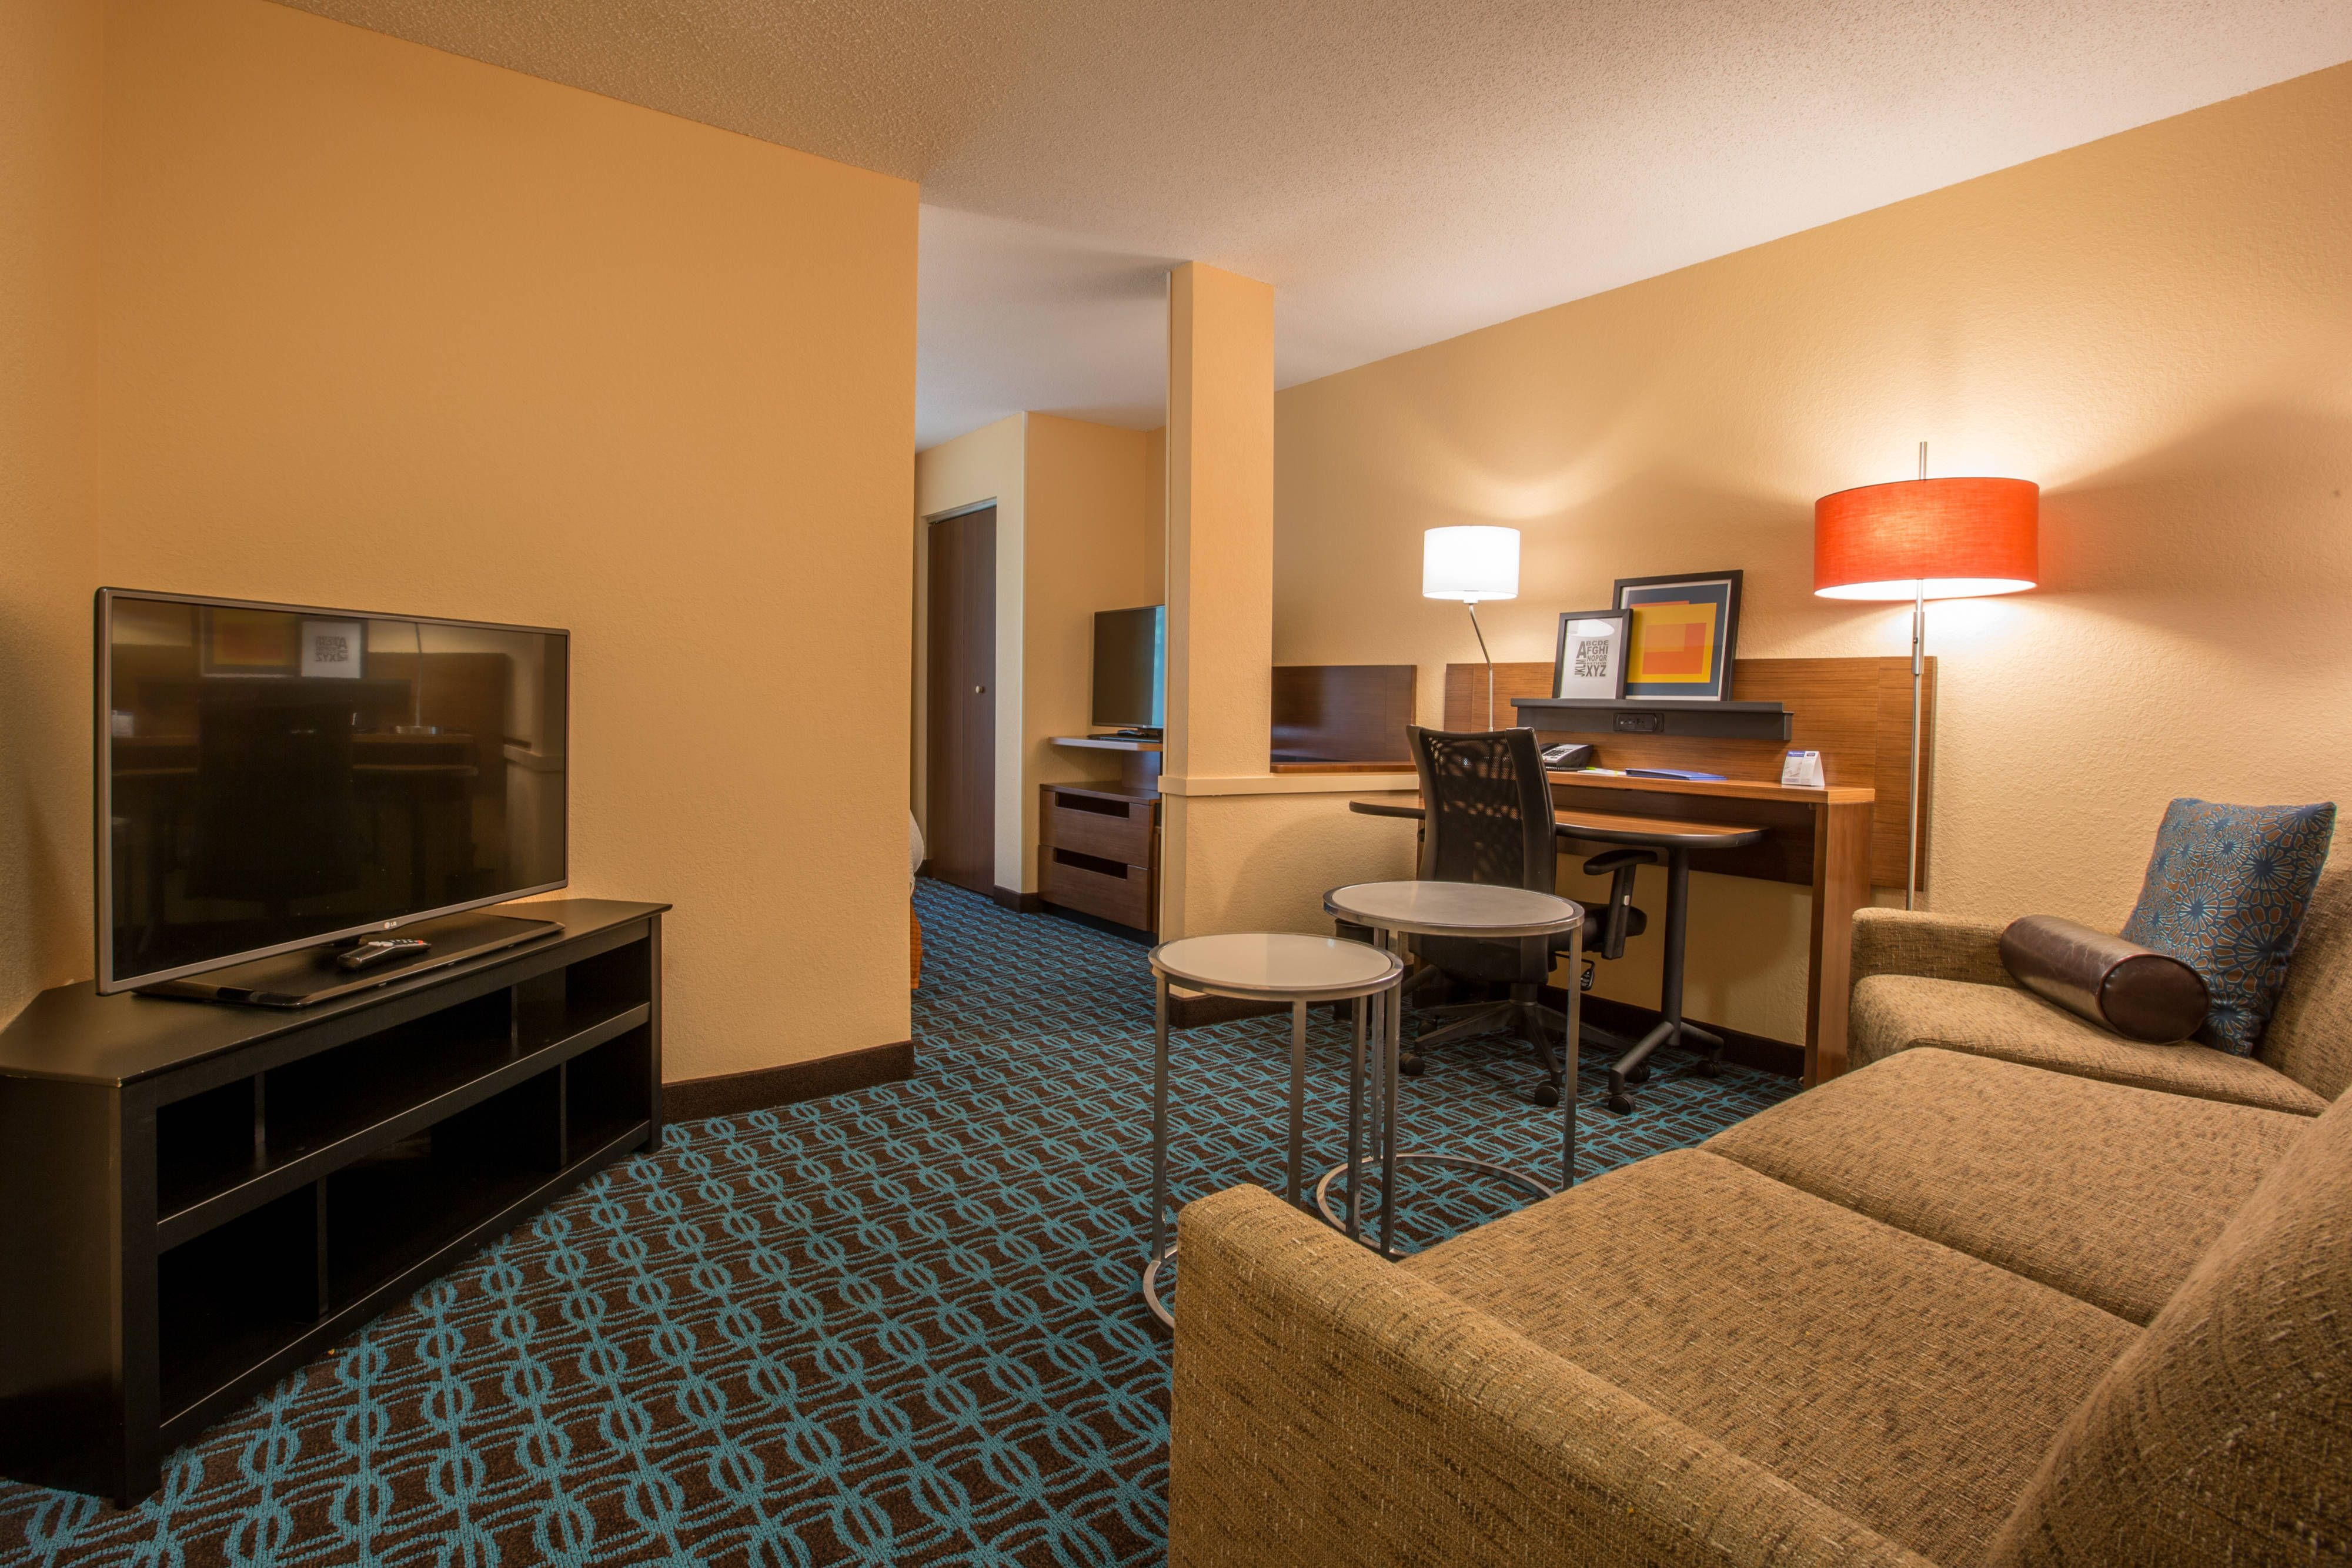 Fairfield Inn With Images Fairfield Inn Inn Suites